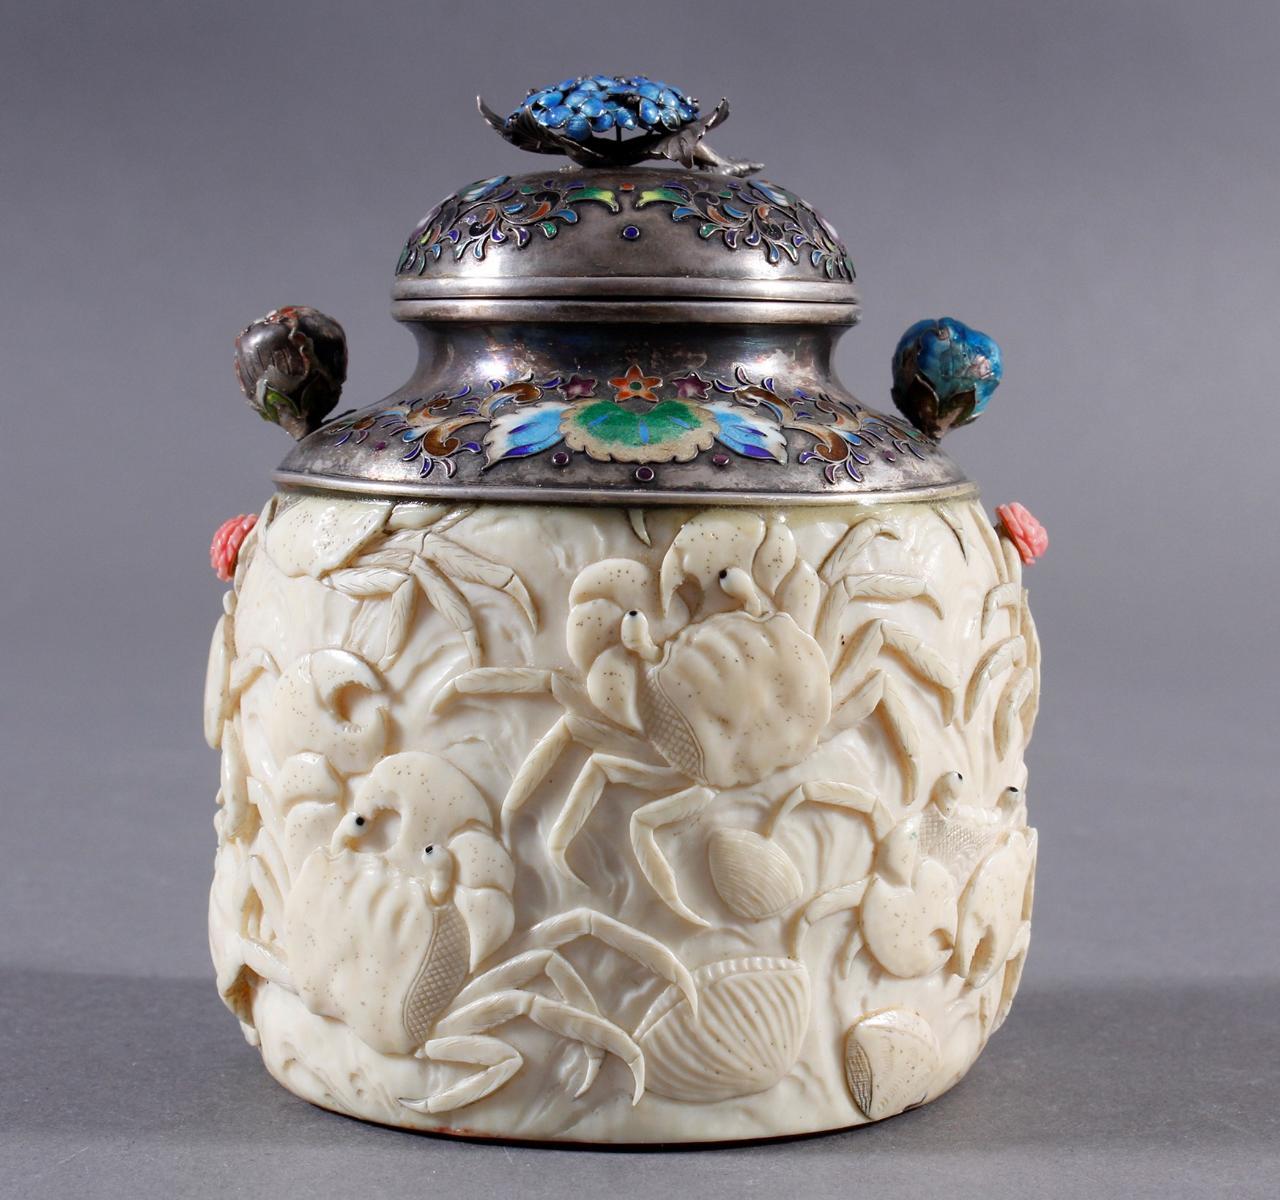 Elfenbein Dose, Japan, Meiji Periode, 19. Jahrhundert